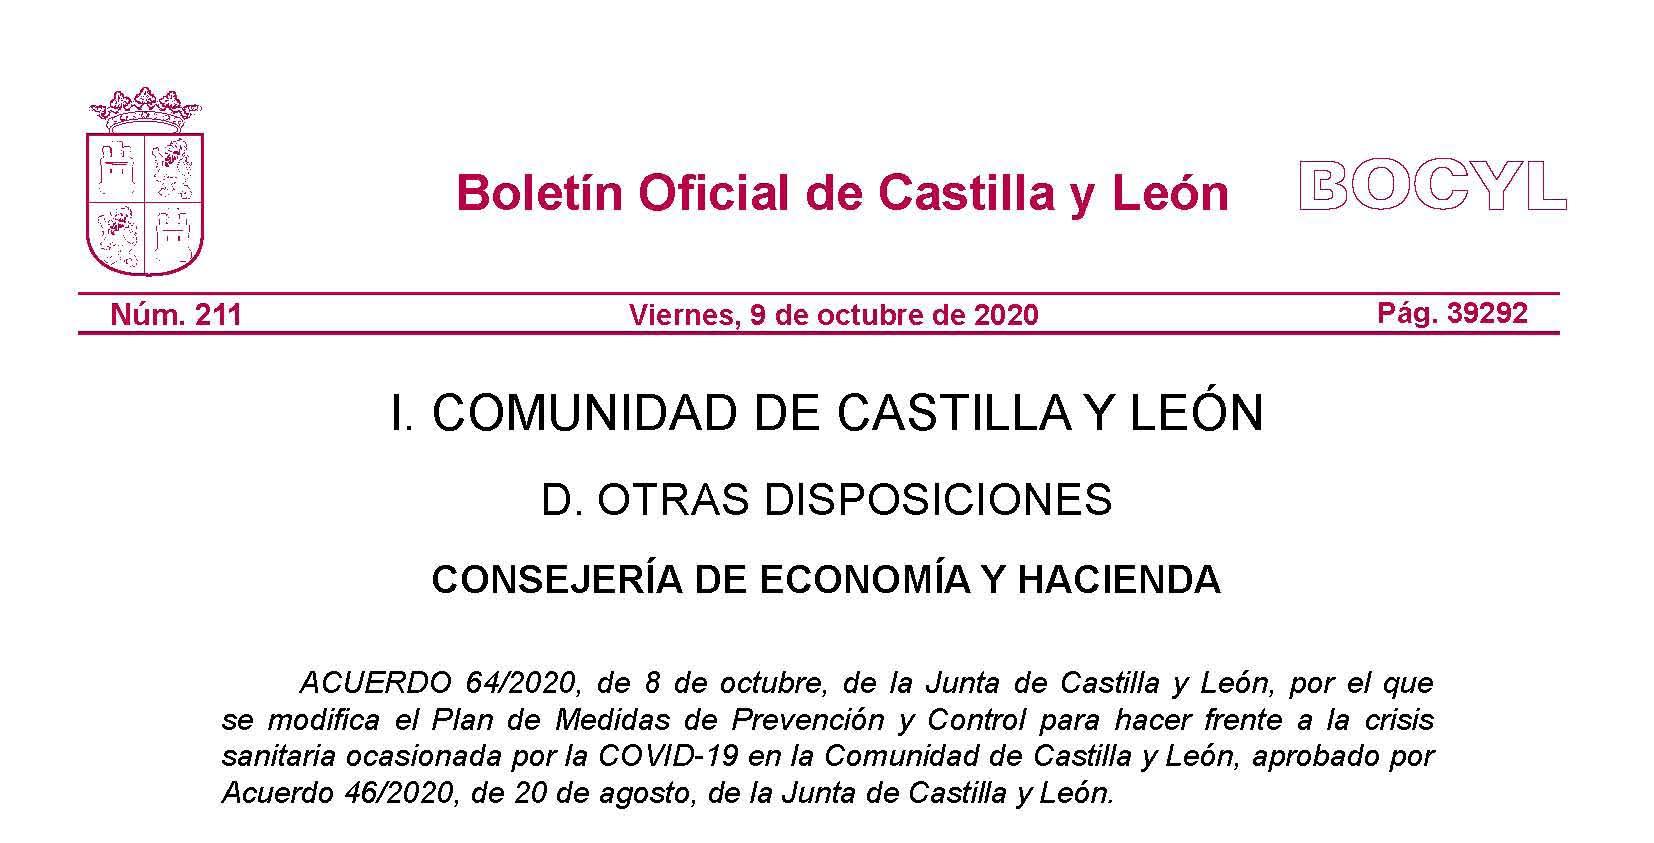 La Junta de Castilla y León da a conocer la Guía definitiva para competiciones oficiales y entrenamientos